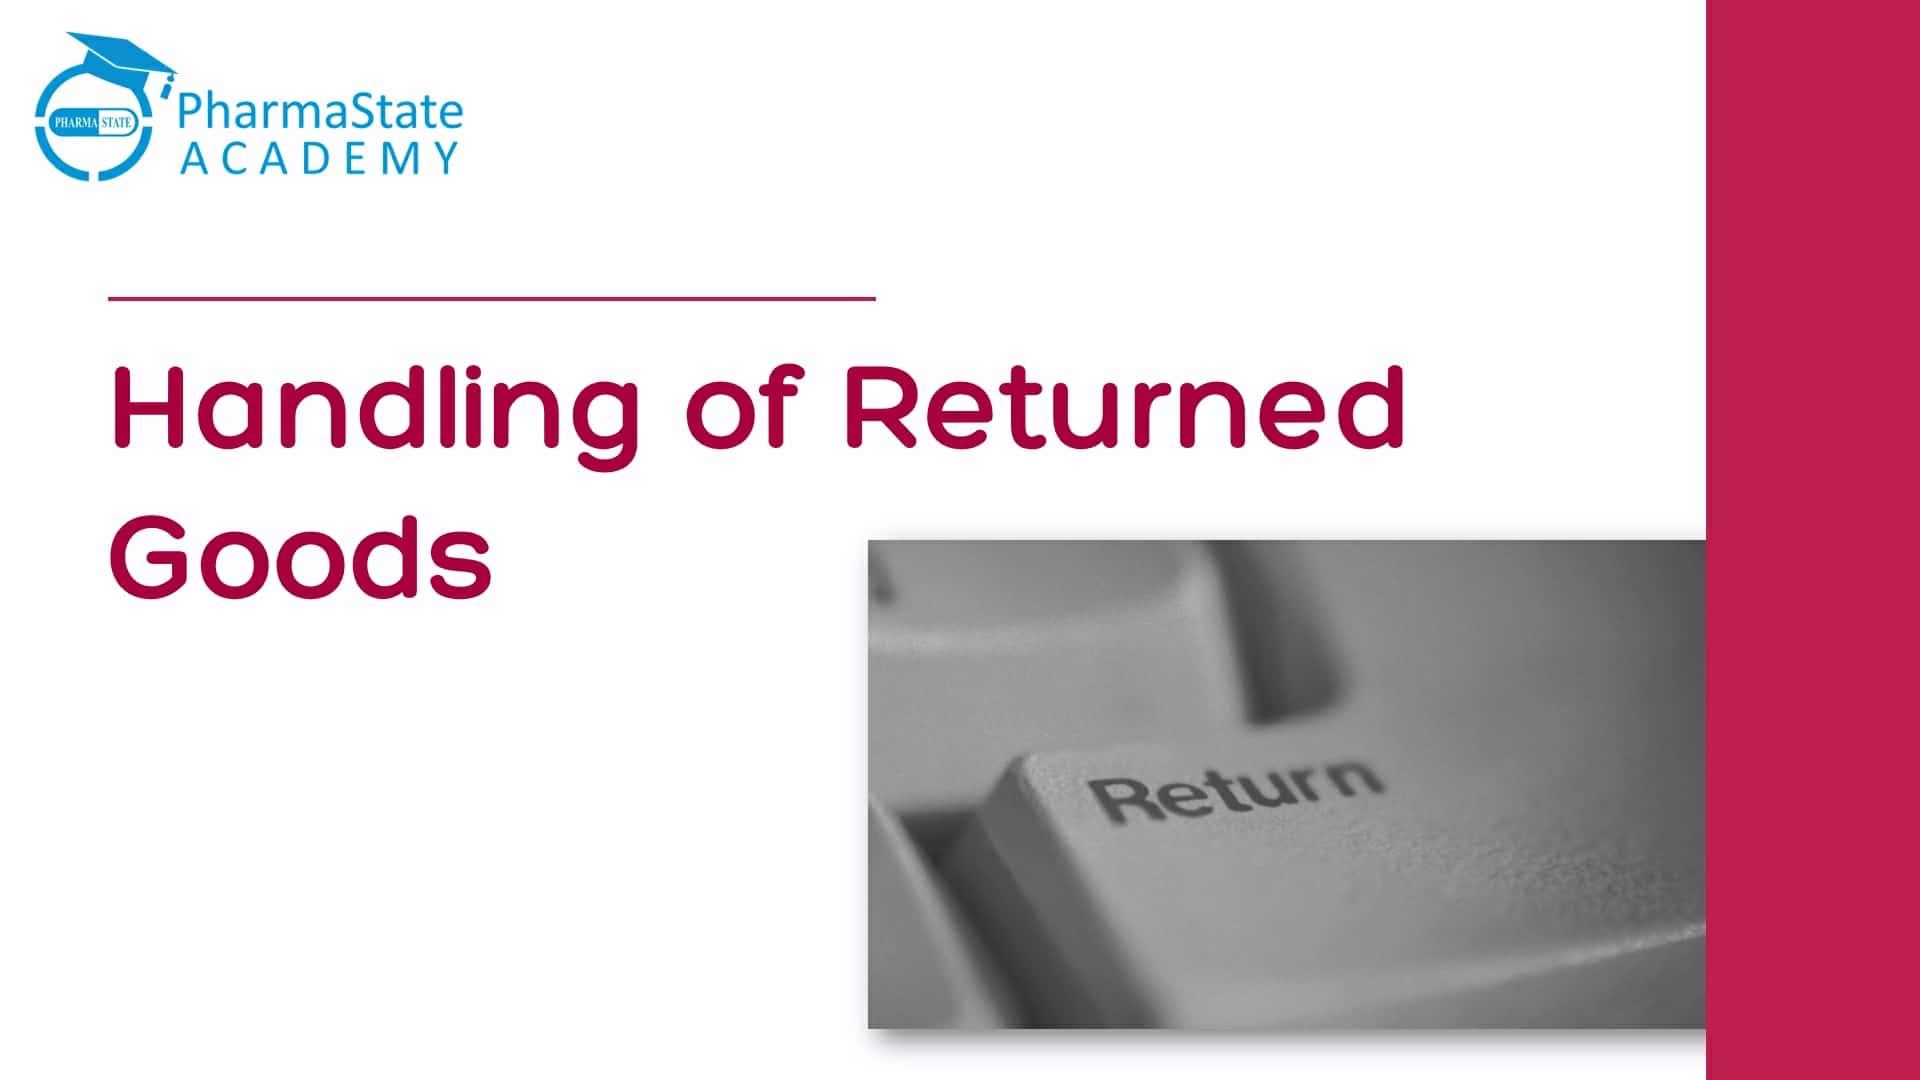 standard operating procedure for returned Pharma goods